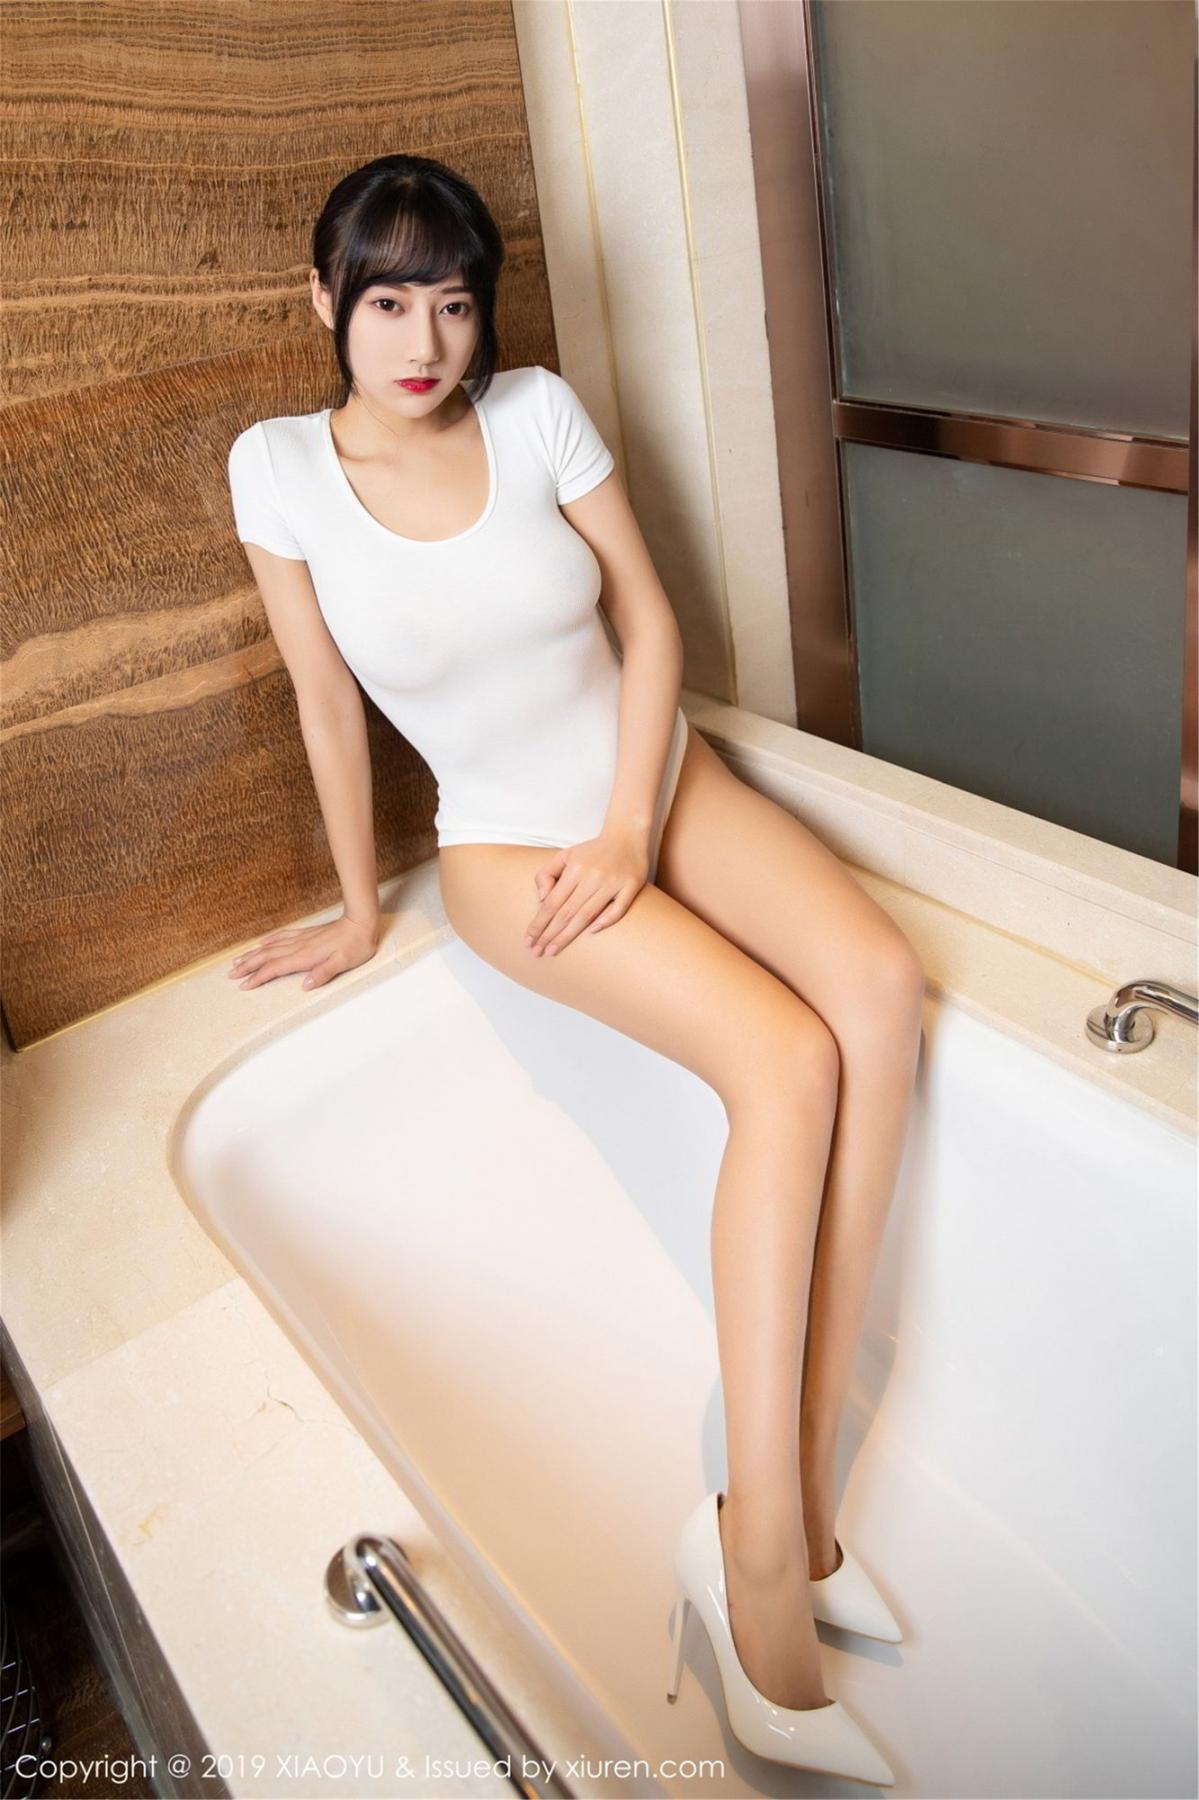 [XiaoYu] Vol.116 He Jia Ying 6P, Bathroom, He Jia Ying, Wet, XiaoYu